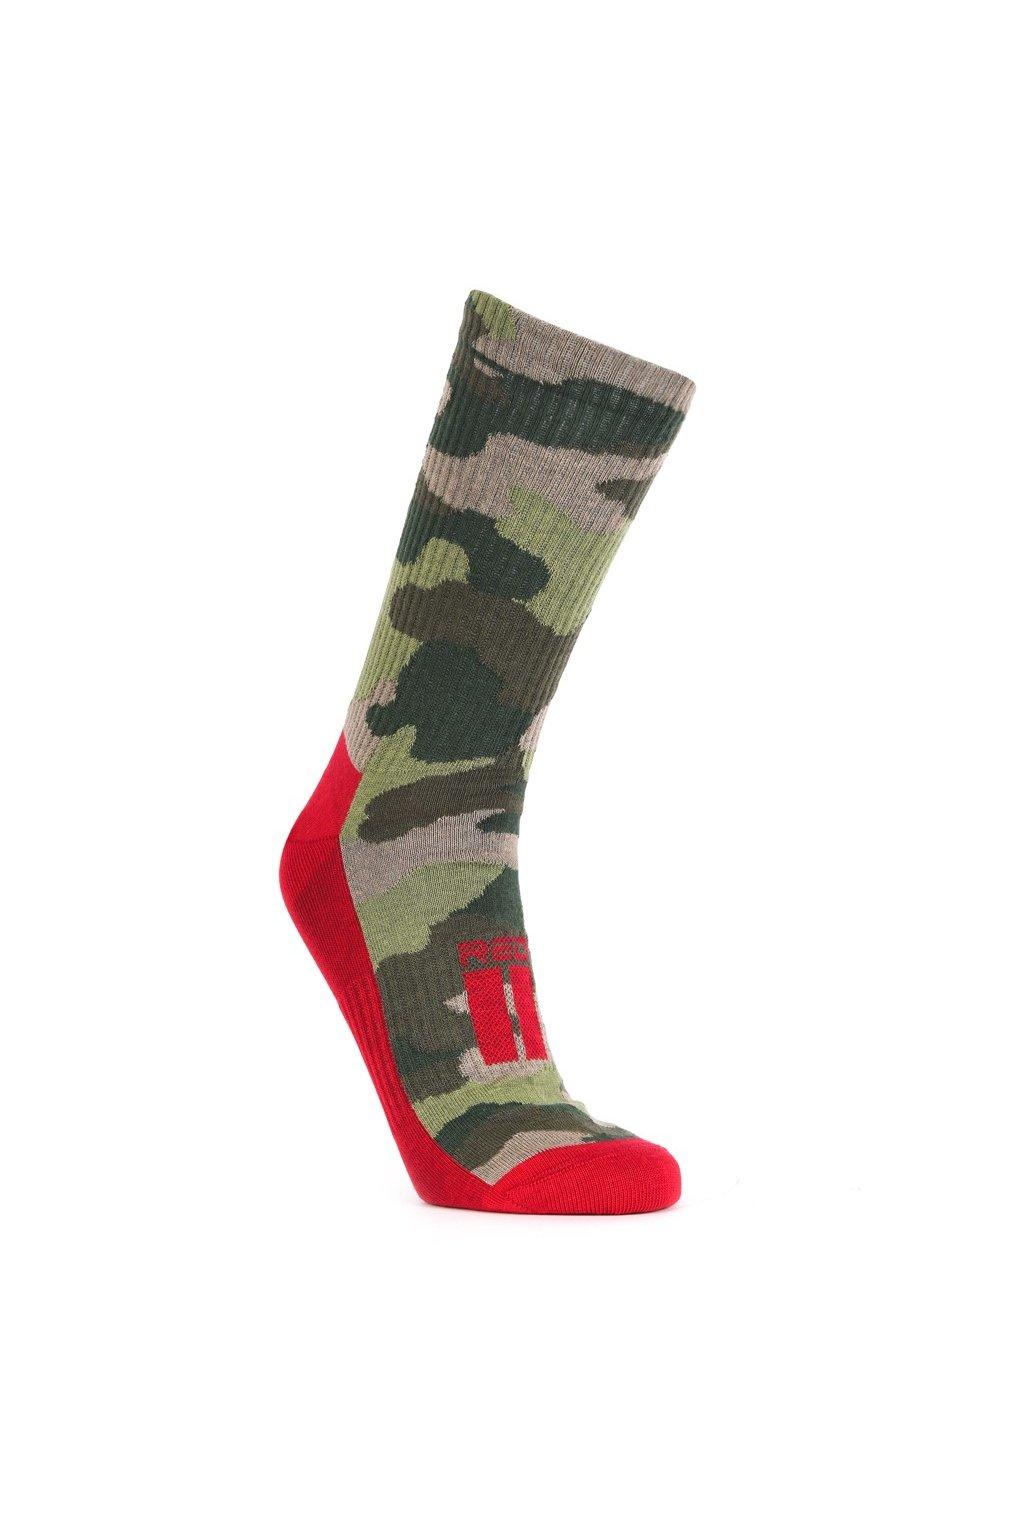 Ponožky THE RED SPORT Green Camo obr1